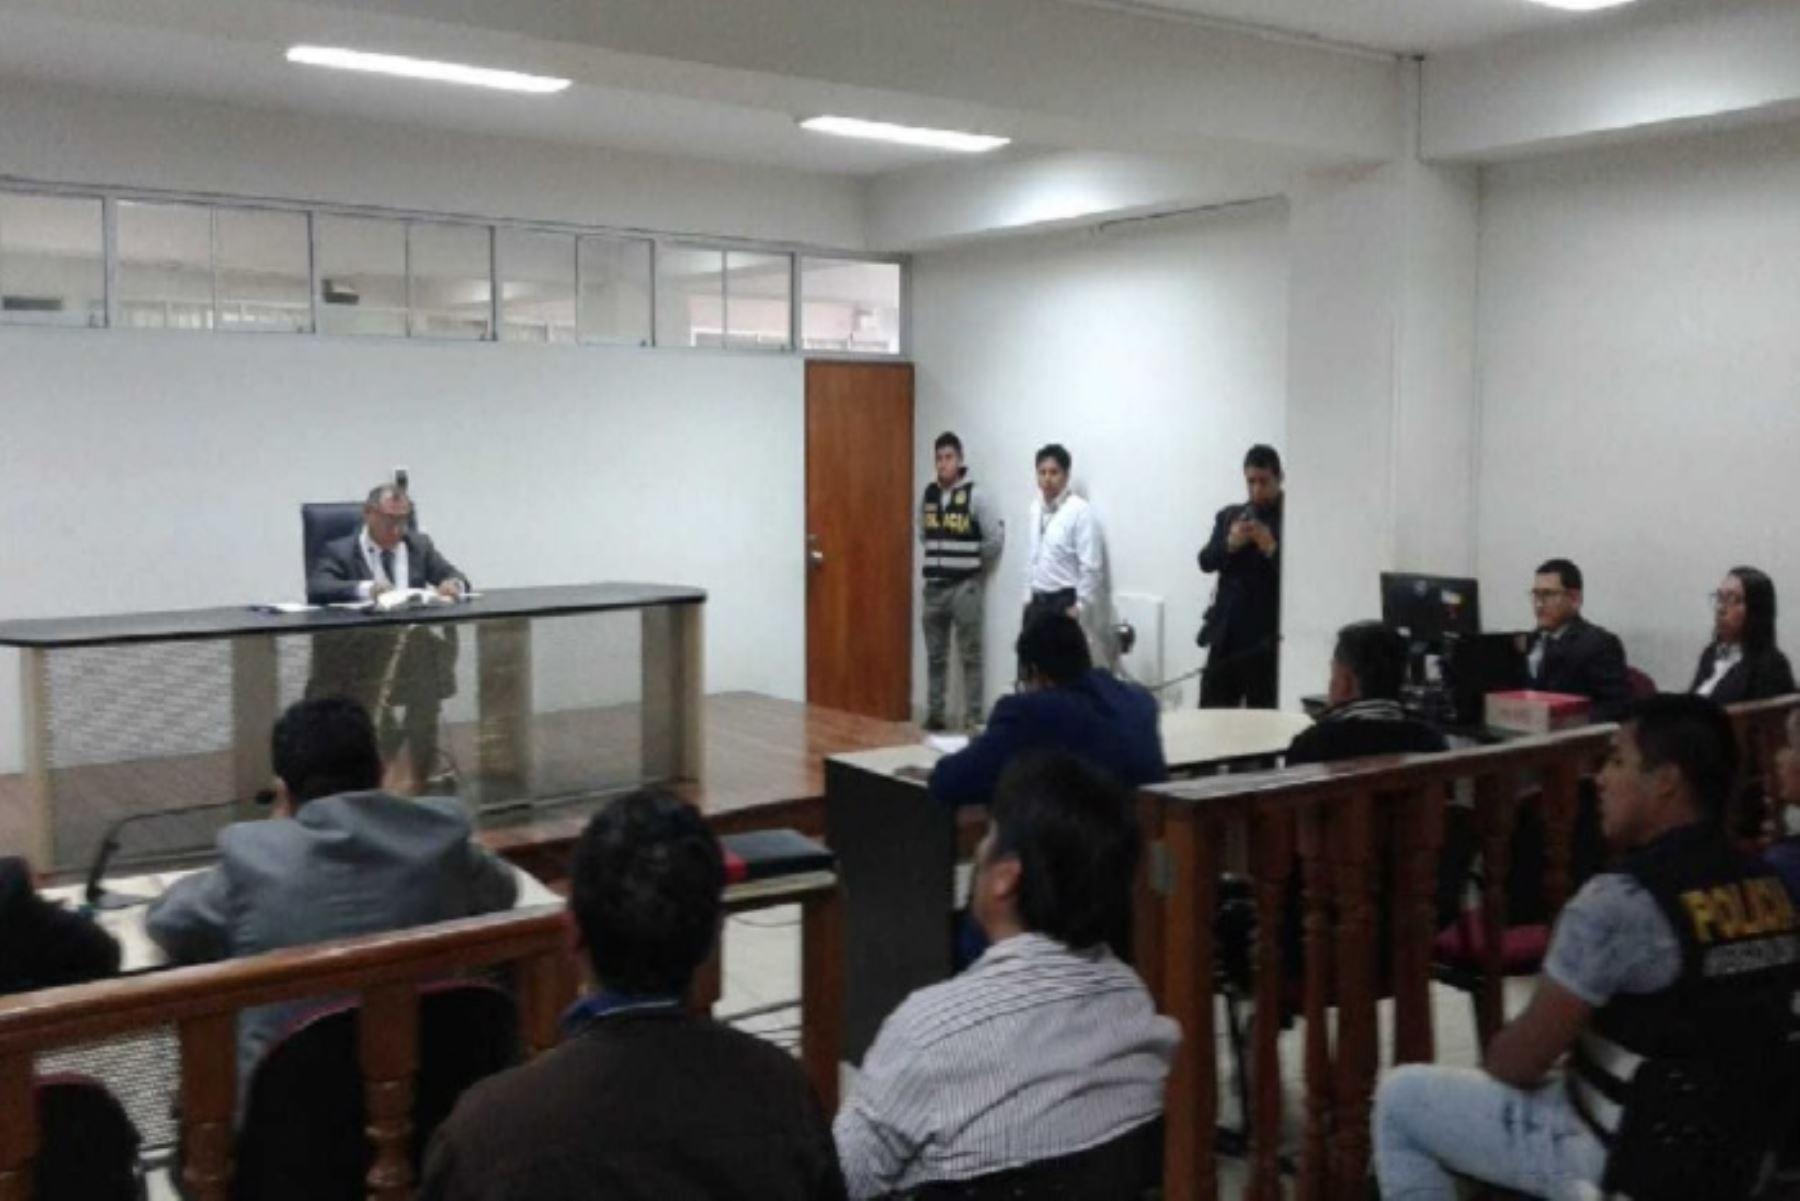 El Sétimo Juzgado Penal de Trujillo, en la región La Libertad, decide hoy la situación legal de Alexander Manuel Pérez Gutiérrez, alias Gringasho, a quien la Policía Nacional detuvo el último sábado por tenencia ilegal de arma de fuego.